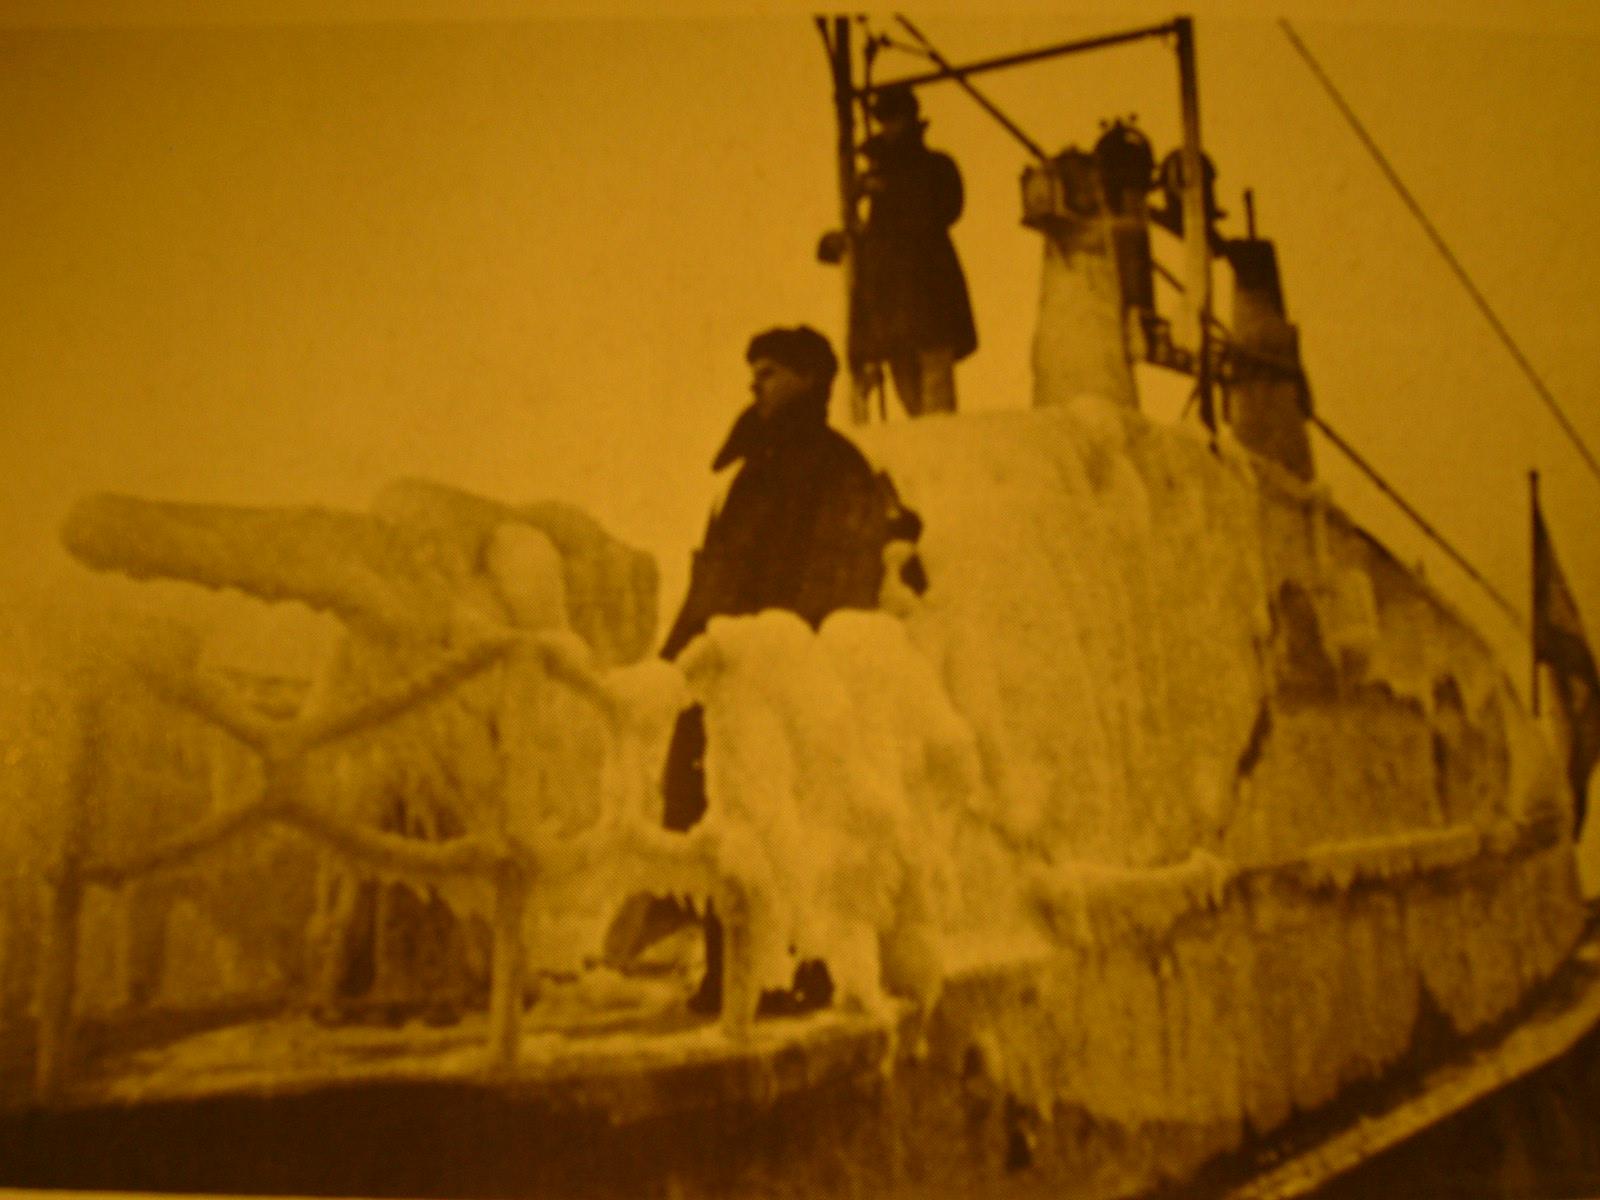 Fotografias increibles de la Segunda Guerra Mundial 4146250p1090944